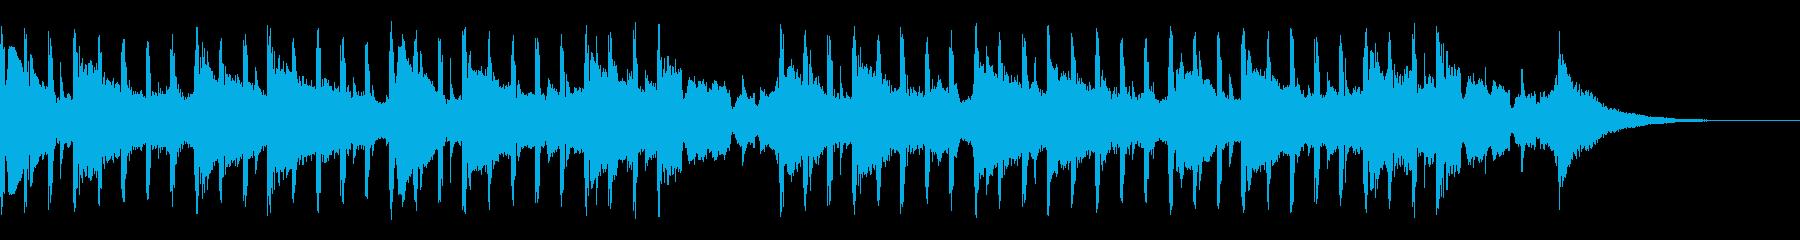 科学音楽(ショート)の再生済みの波形